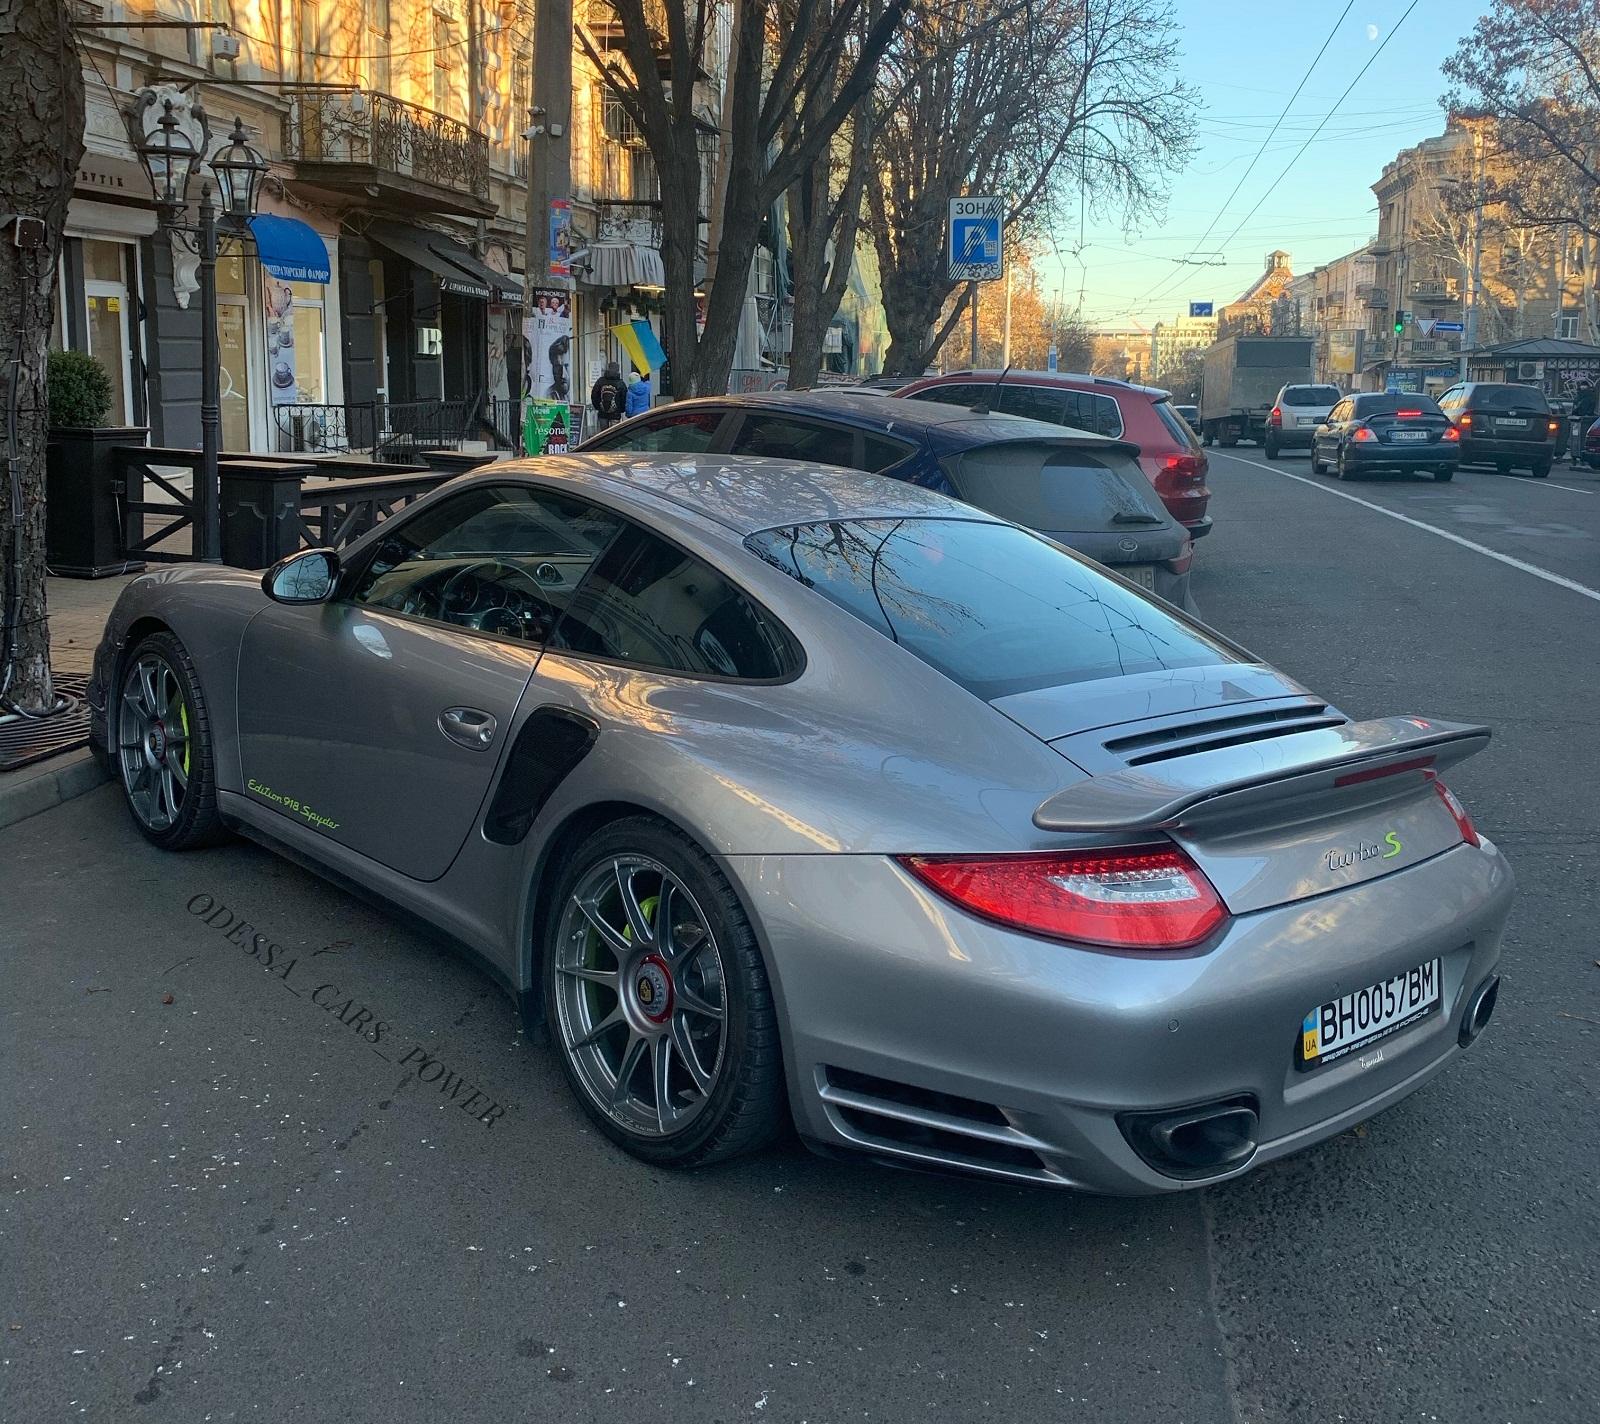 В Украине засняли редчайший Porsche 911 Turbo лимитированной серии